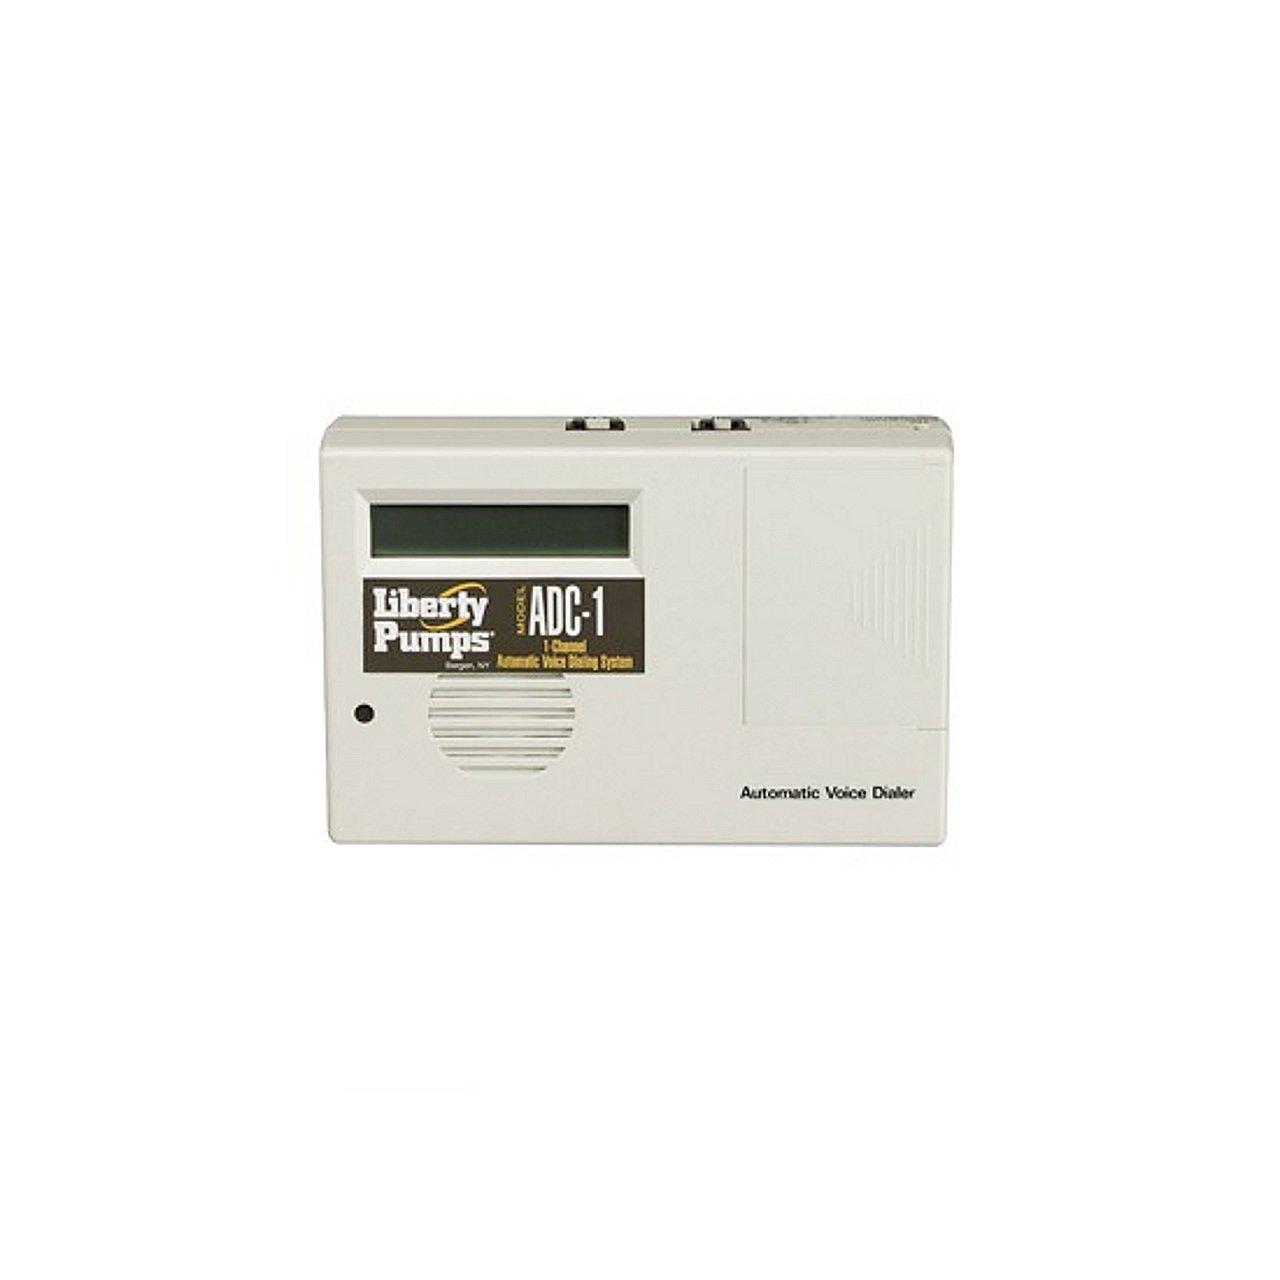 Libertad bombas adc-1 Auto marcador para alarmas y paneles ...